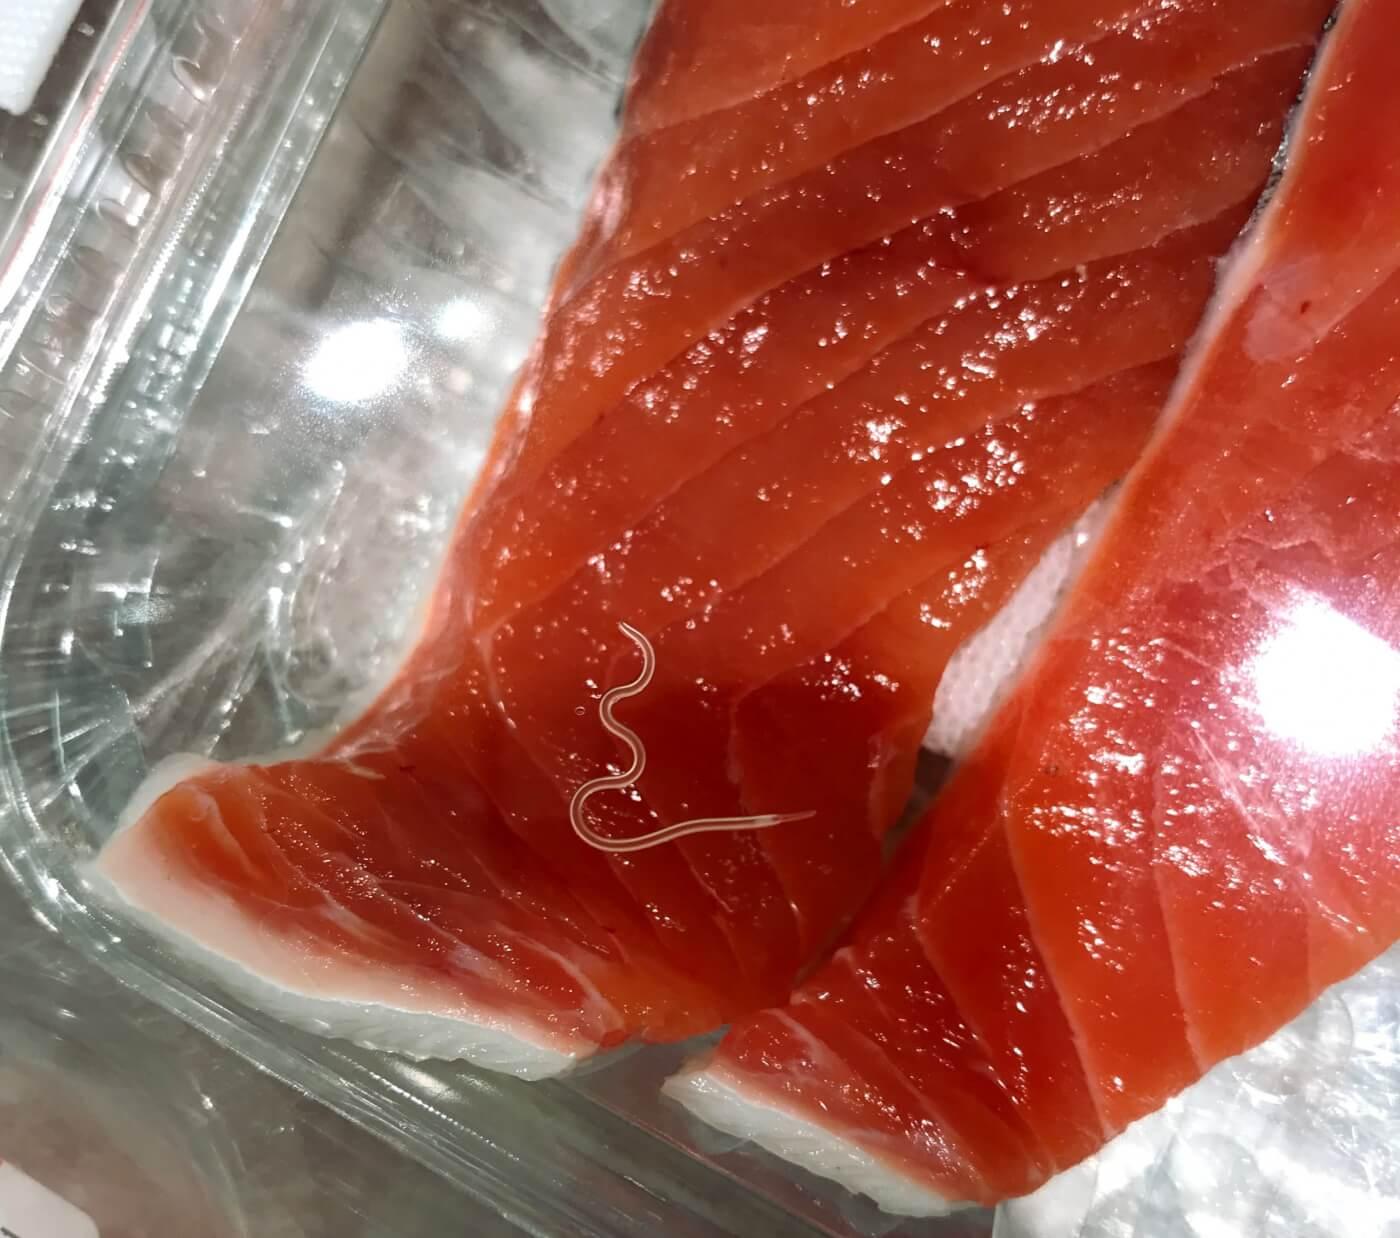 worm in raw salmon fish